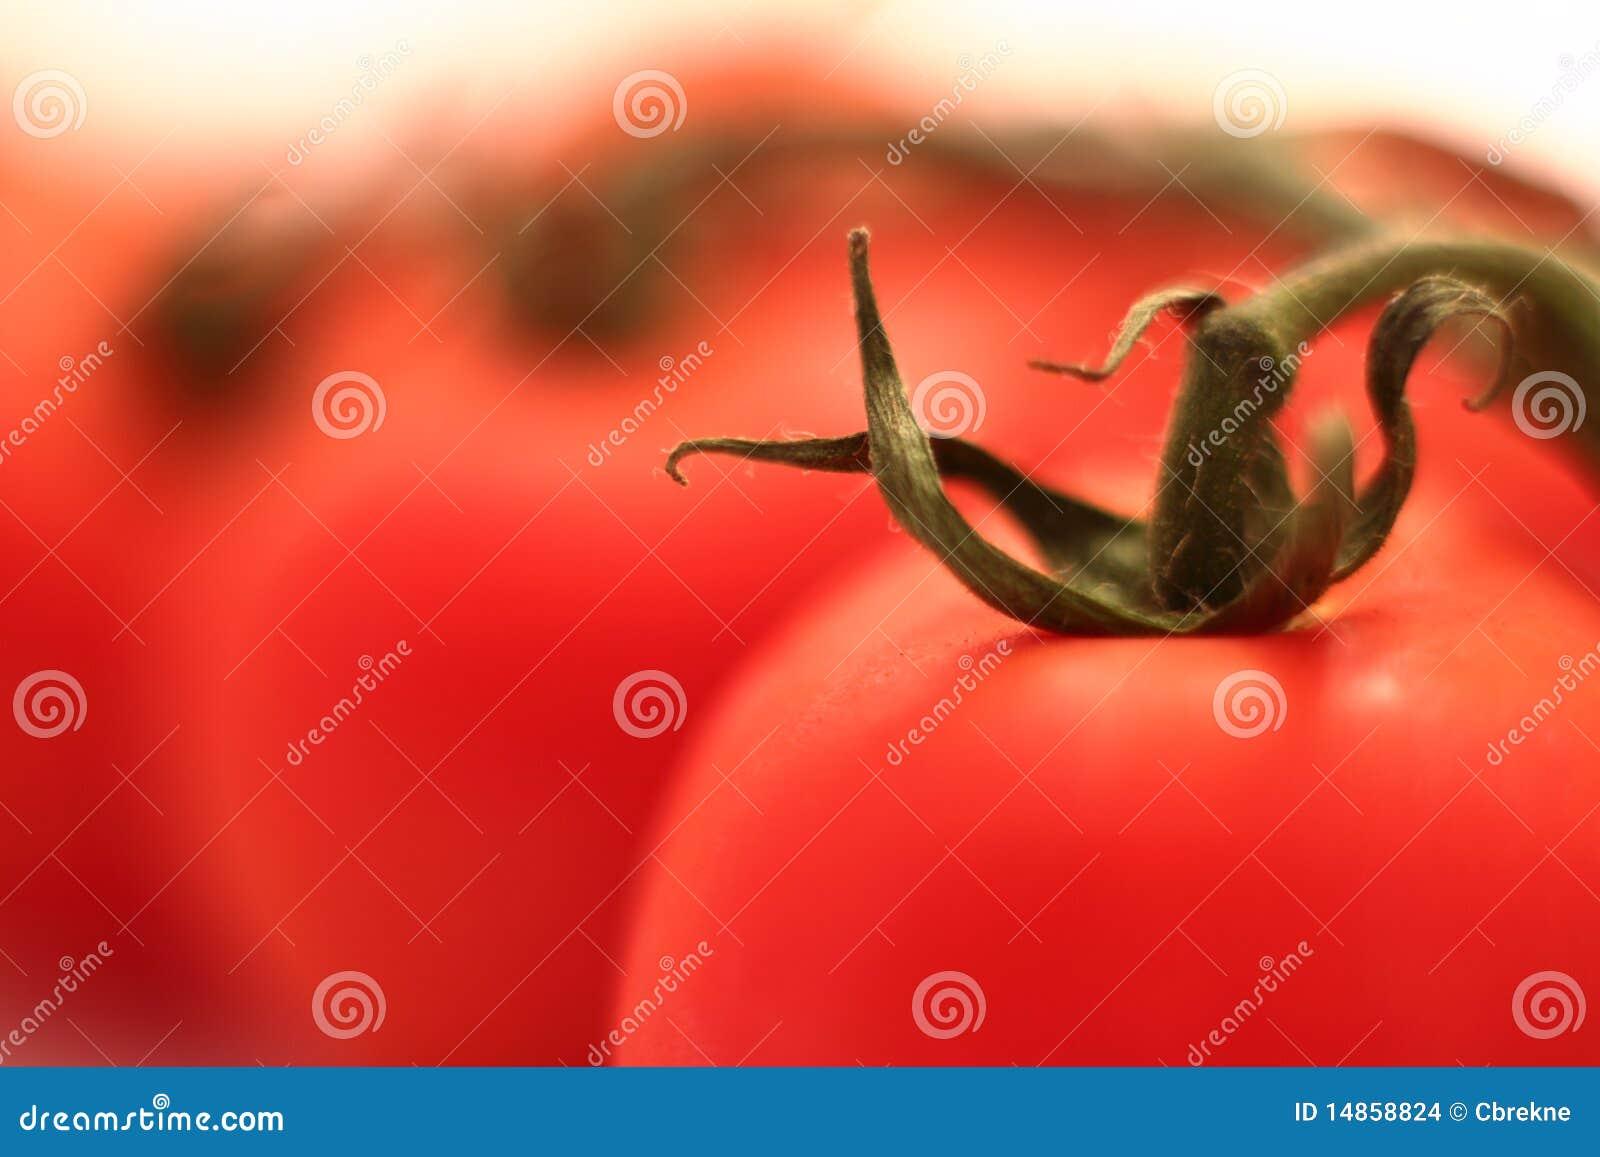 Tomato in macro